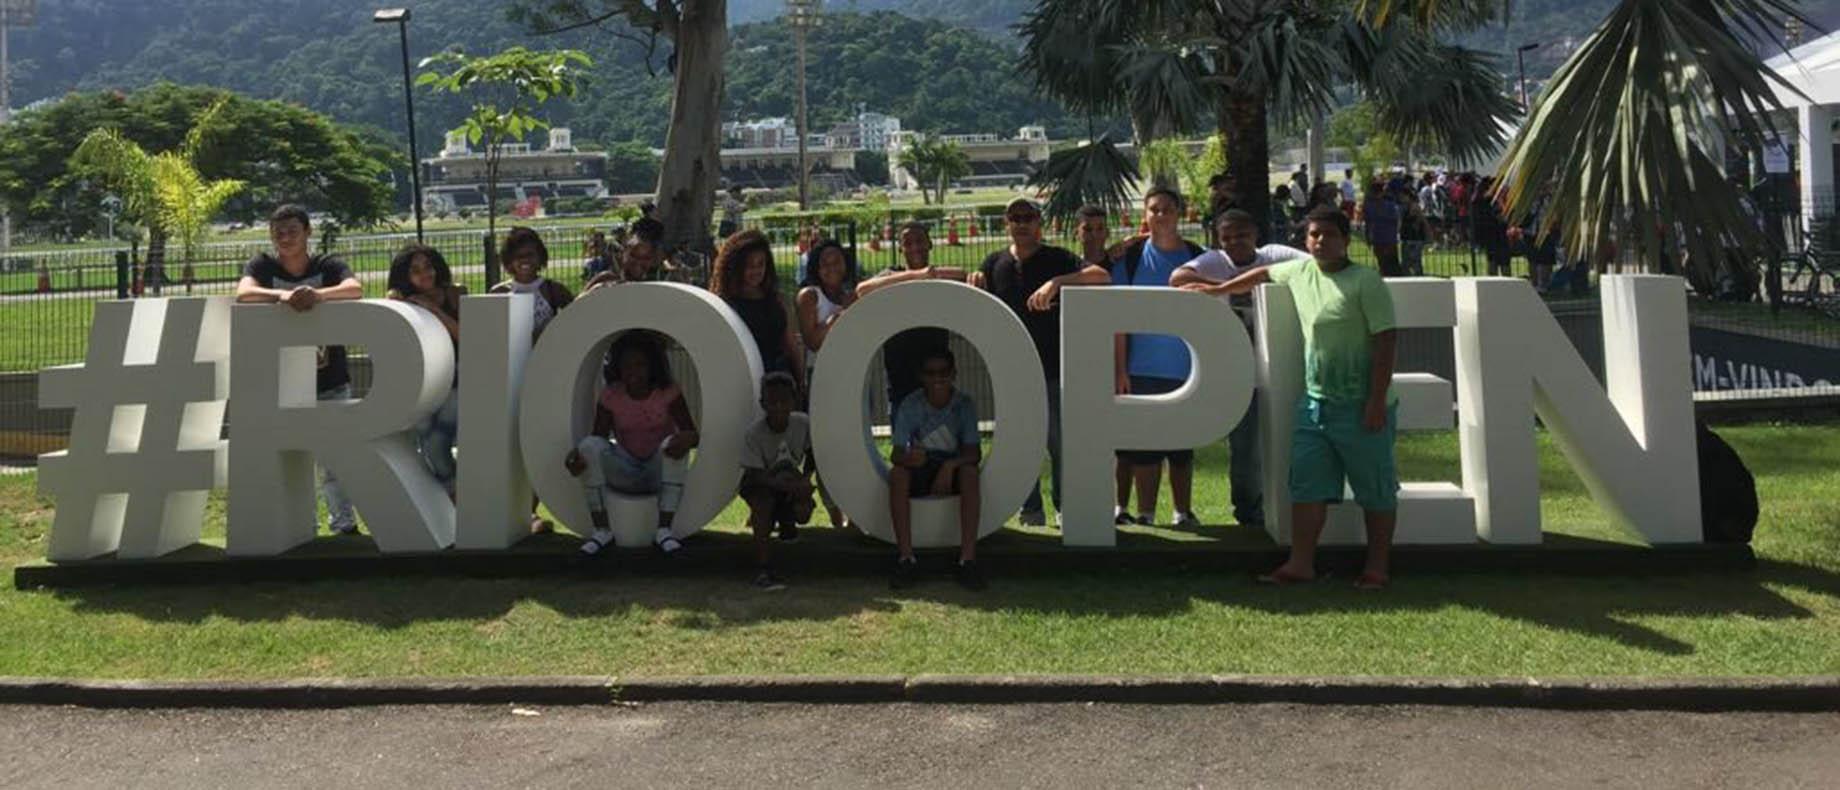 Foto de diversos jovens posando para uma foto juntos ao letreiro do Rio Open 2018 no jockey clube do Rio de Janeiro